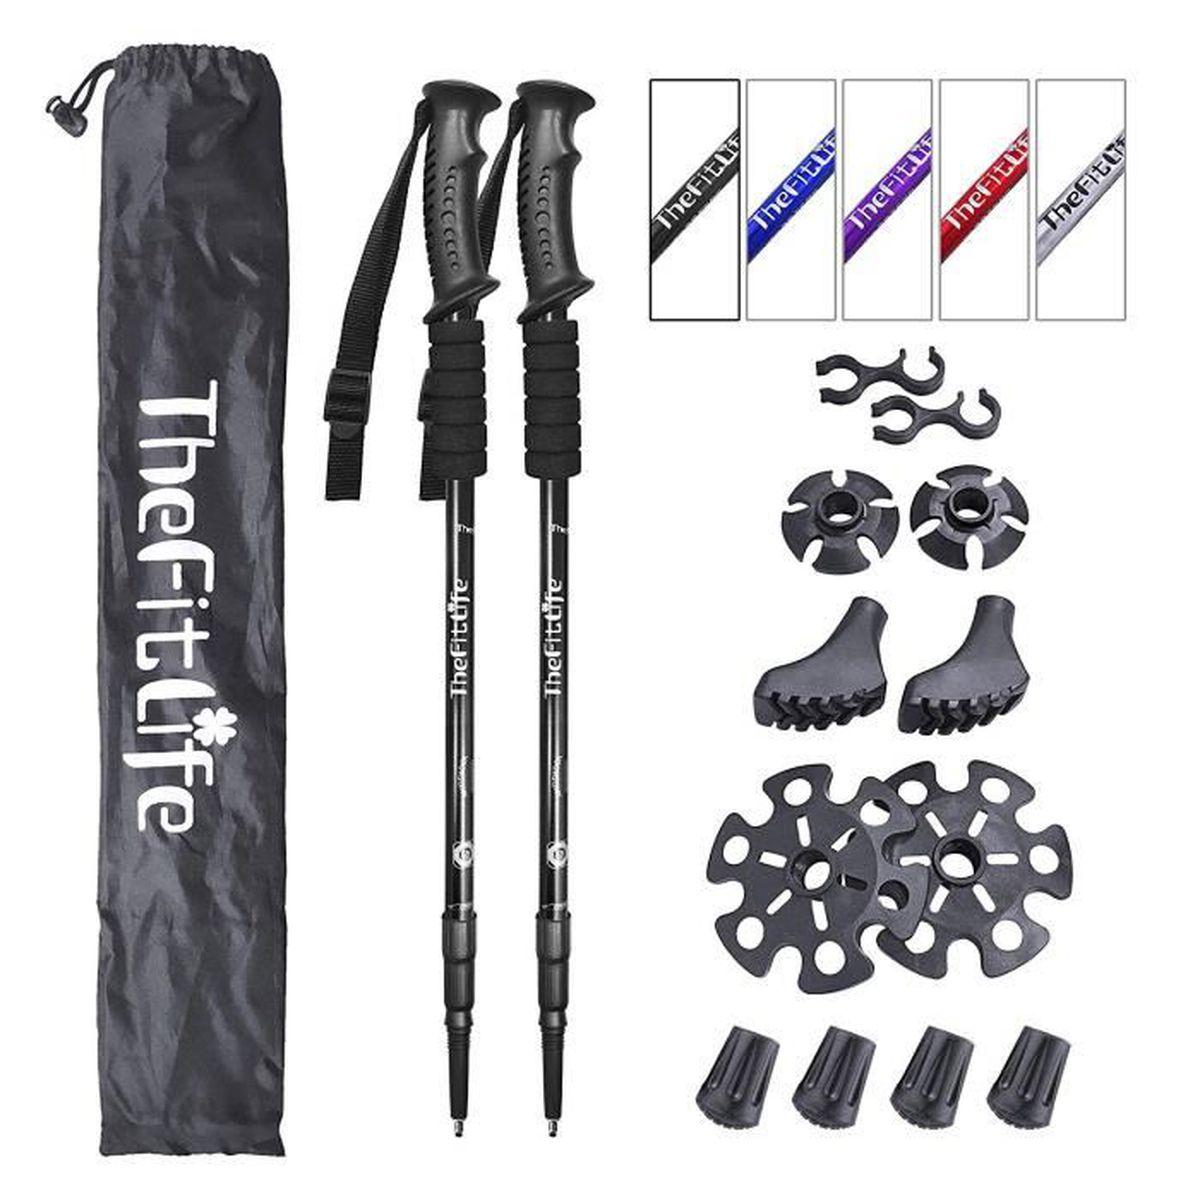 Highlander Rechange Walking Pole pieds randonnée Équipement articles de sport caoutchouc noir